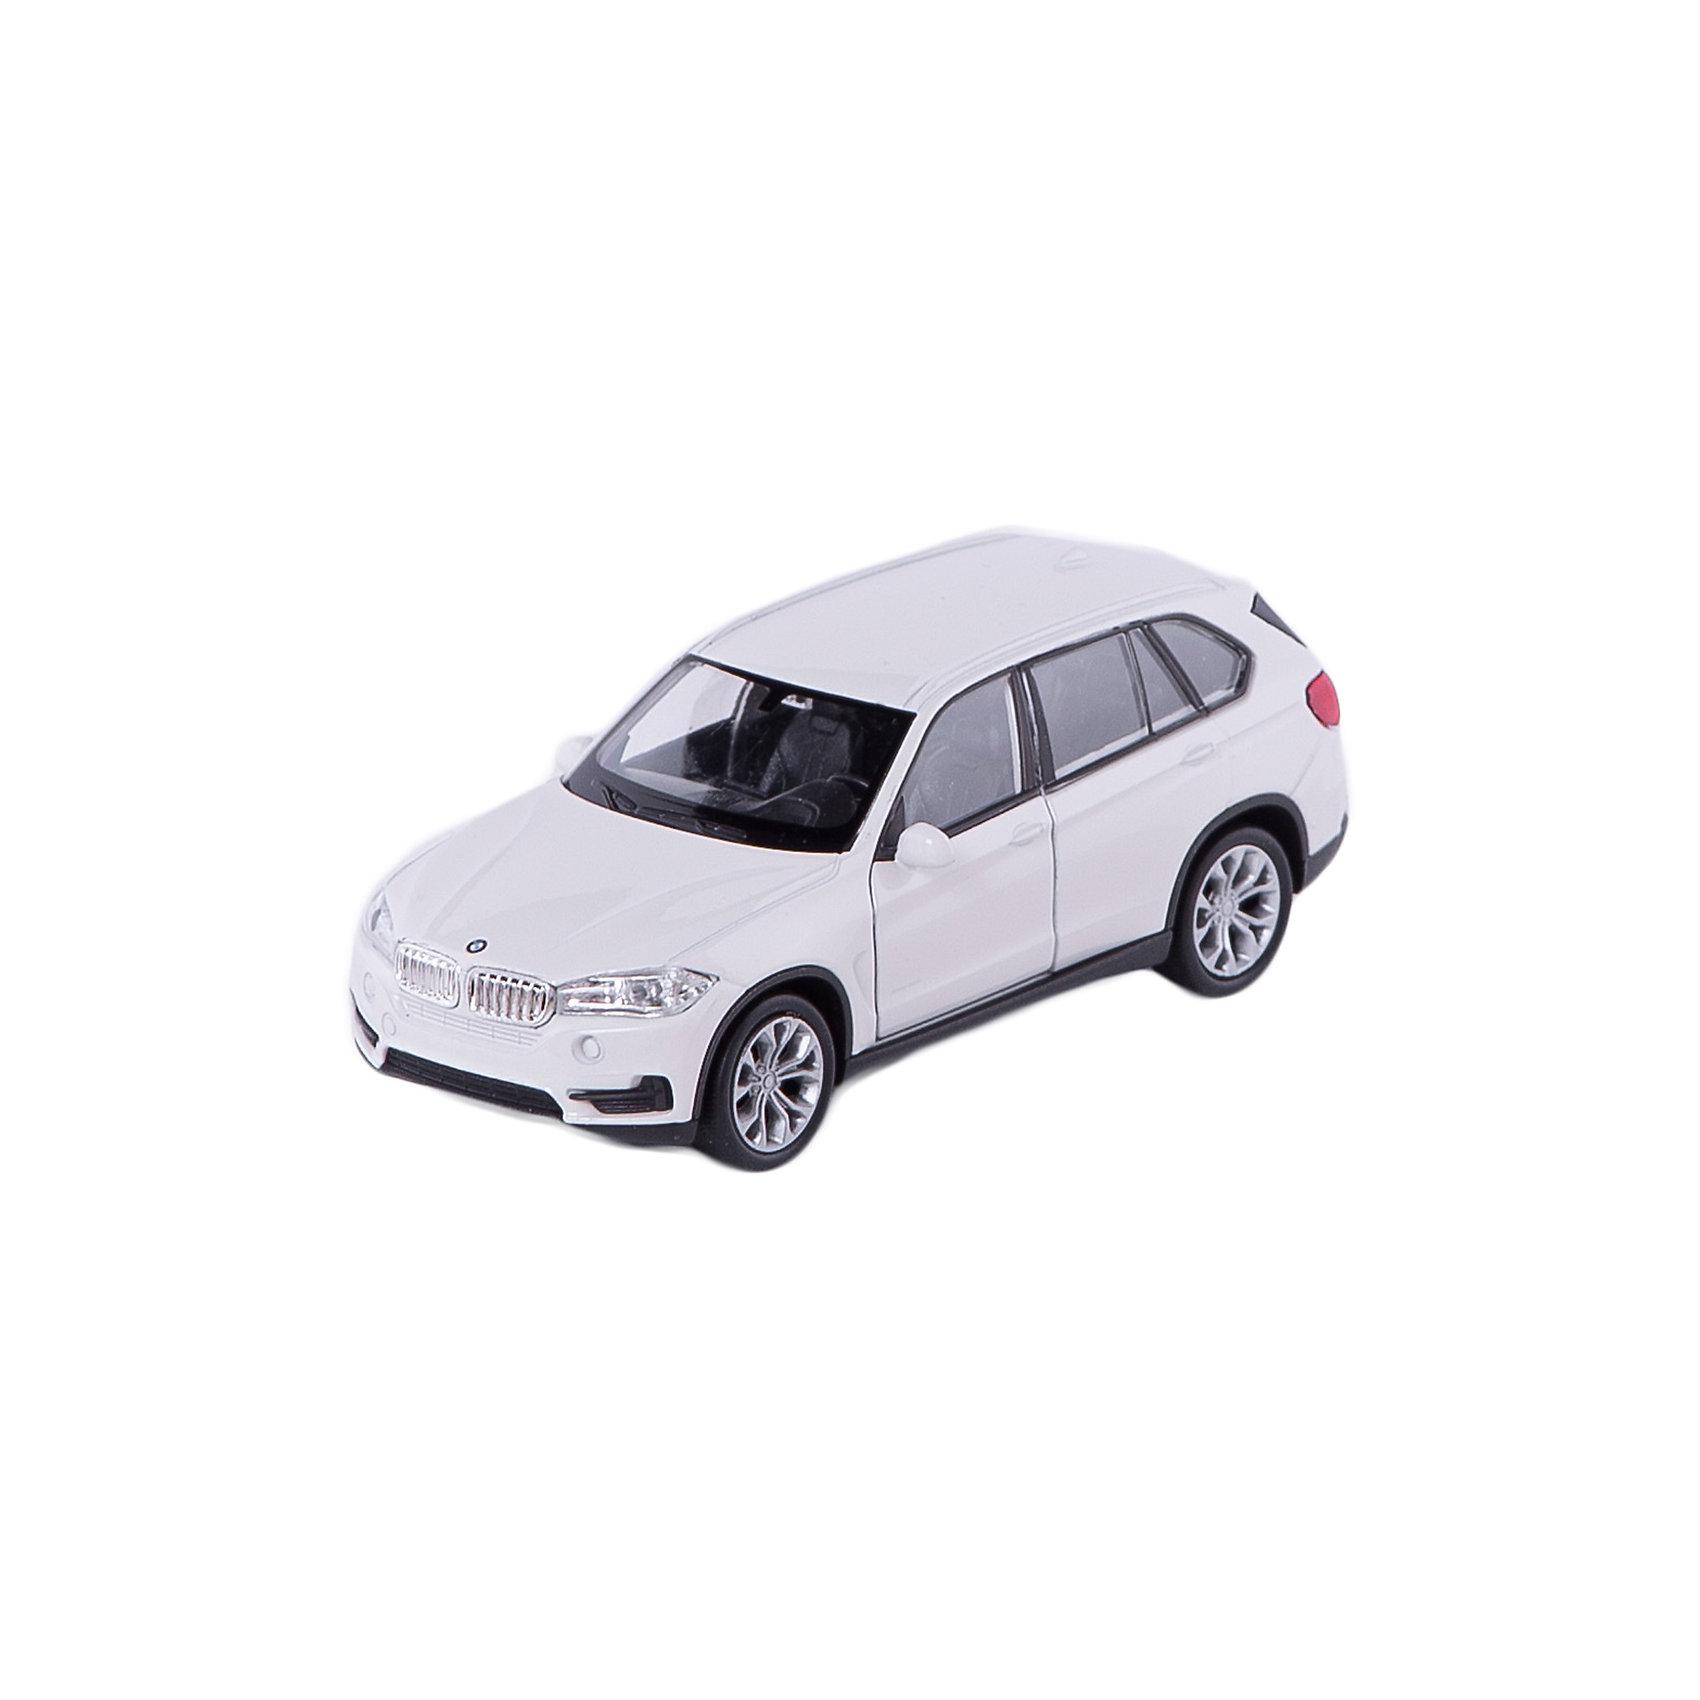 Модель машины 1:34-39 BMW X5, WellyКоллекционные модели<br>Коллекционная модель машины BMW X5 от Welly выполнена в точном соответствии с оригиналом. У машинки открывается капот и двери.<br>Эта модель машины создана на основе реальной модели БМВ X5, выпуск которой начался в 2013 году. Это вместительный, среднеразмерный кроссовер, способный преодолеть самые разные препятствия на дороге. Модель Welly выполнена в белом цвете, салон детализирован. Масштаб - 1:34-39.  Цвет кузова автомобиля представлен в ассортименте. Выбрать определенный цвет заранее не представляется возможным.<br><br>Ширина мм: 60<br>Глубина мм: 110<br>Высота мм: 150<br>Вес г: 163<br>Возраст от месяцев: 36<br>Возраст до месяцев: 192<br>Пол: Мужской<br>Возраст: Детский<br>SKU: 4966546